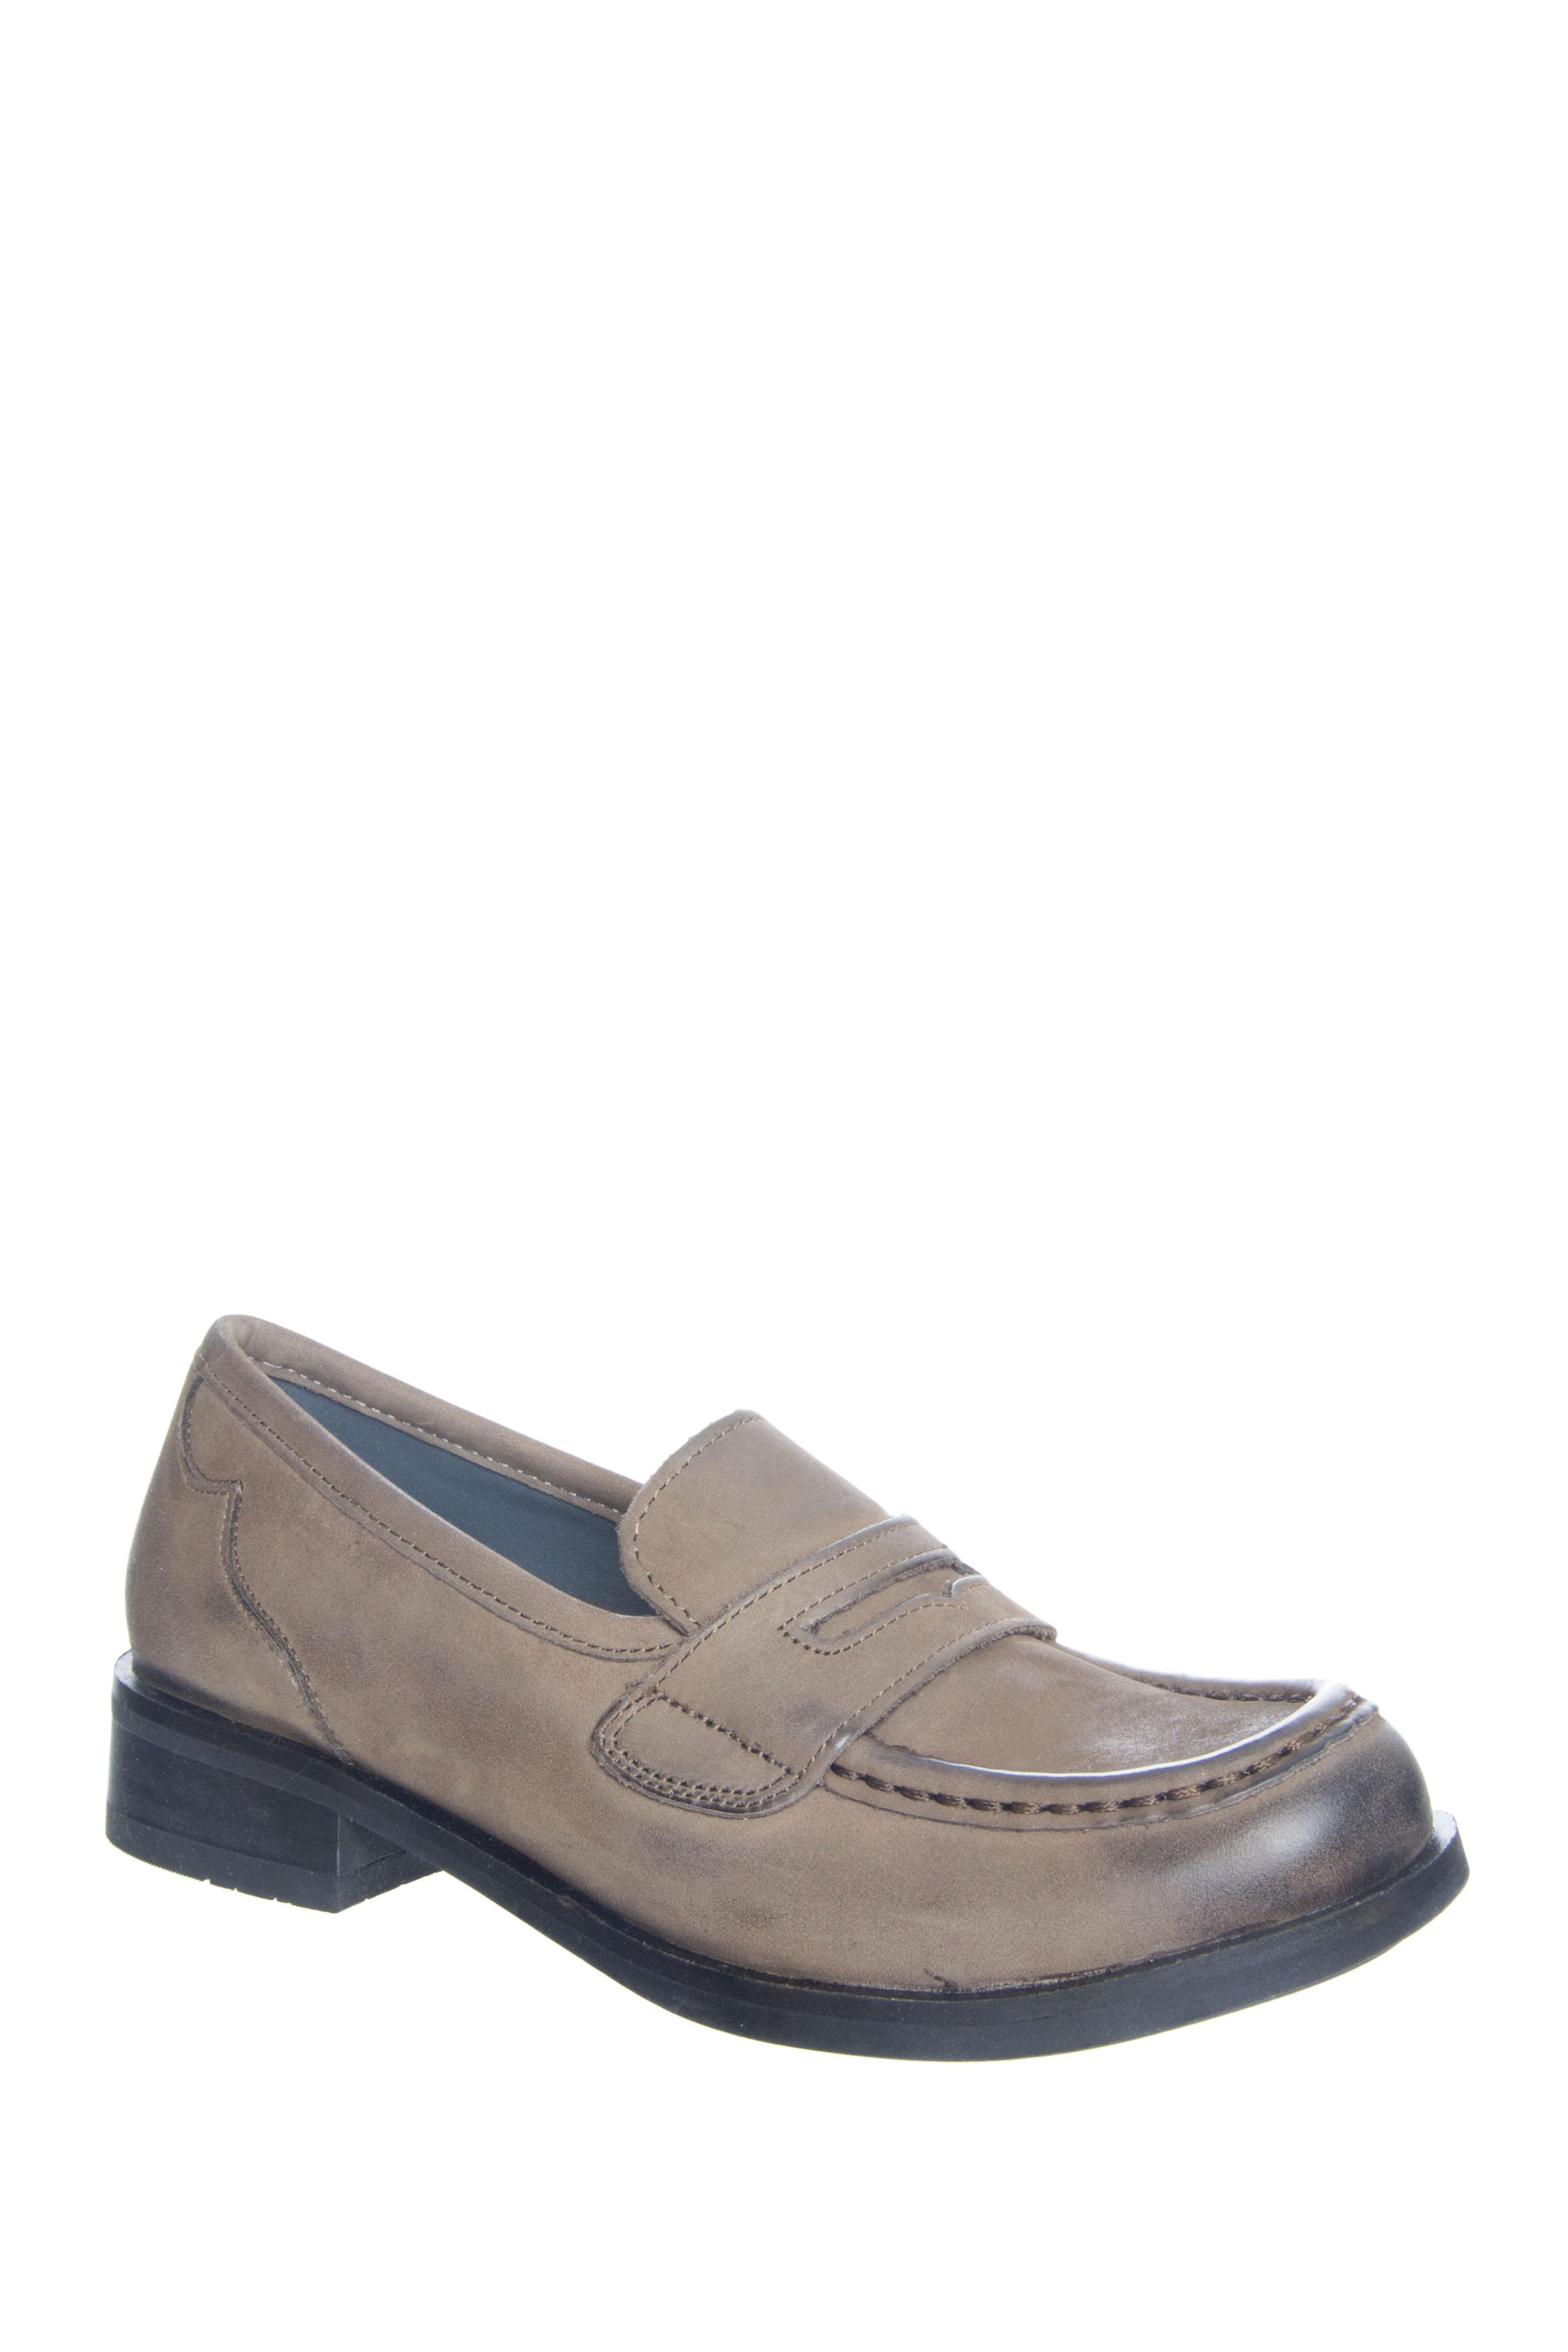 Bussola Nancy Low Heel Loafers - Stone